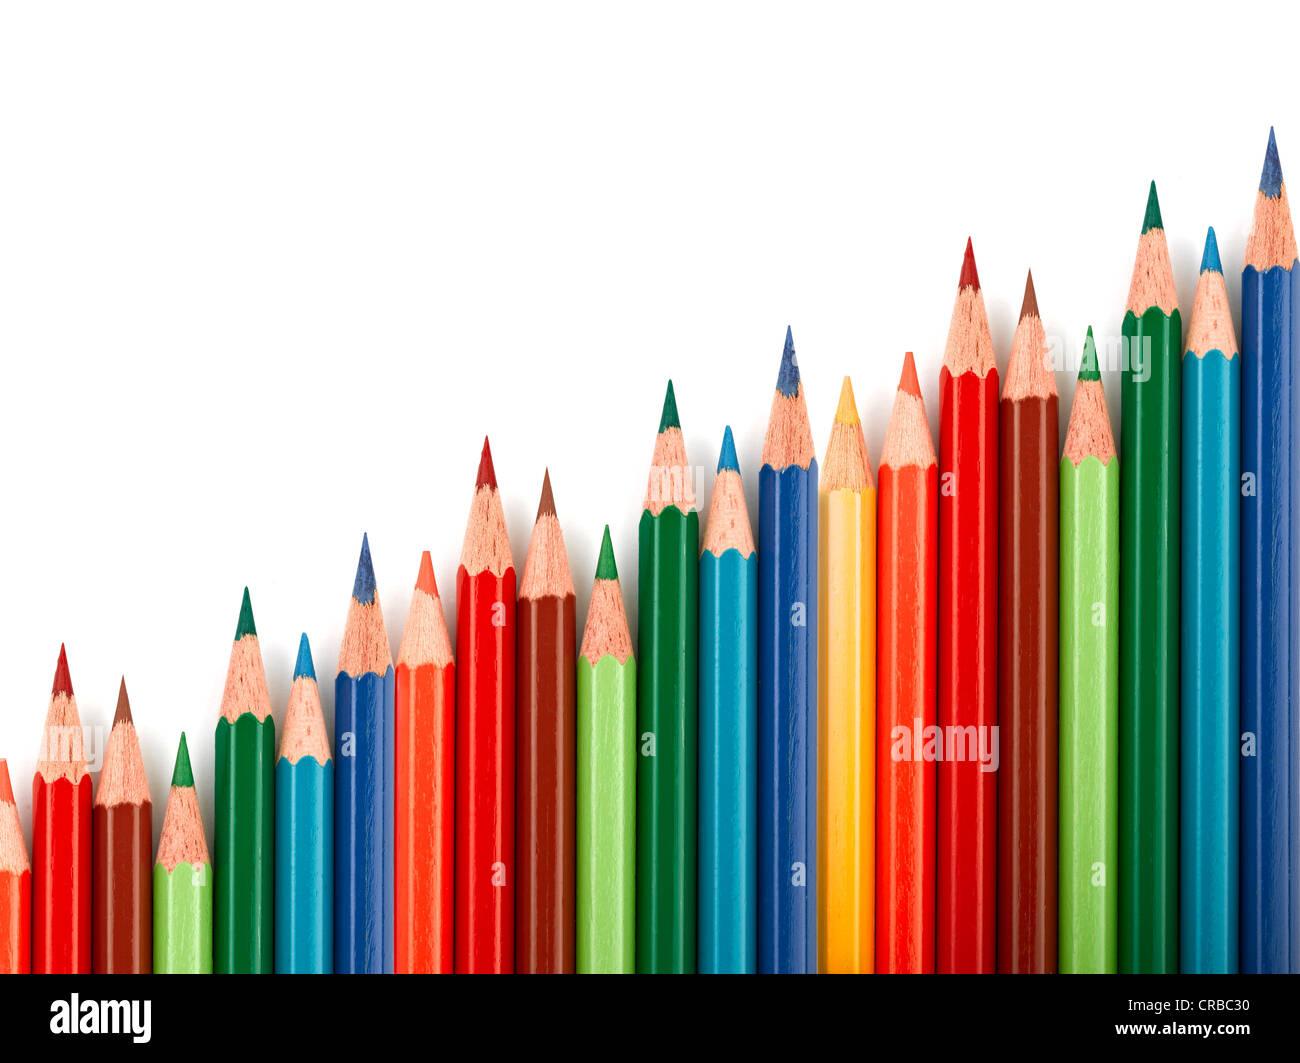 Gráfico que ilustra el aumento de negocios compuesto de lápices de colores Imagen De Stock